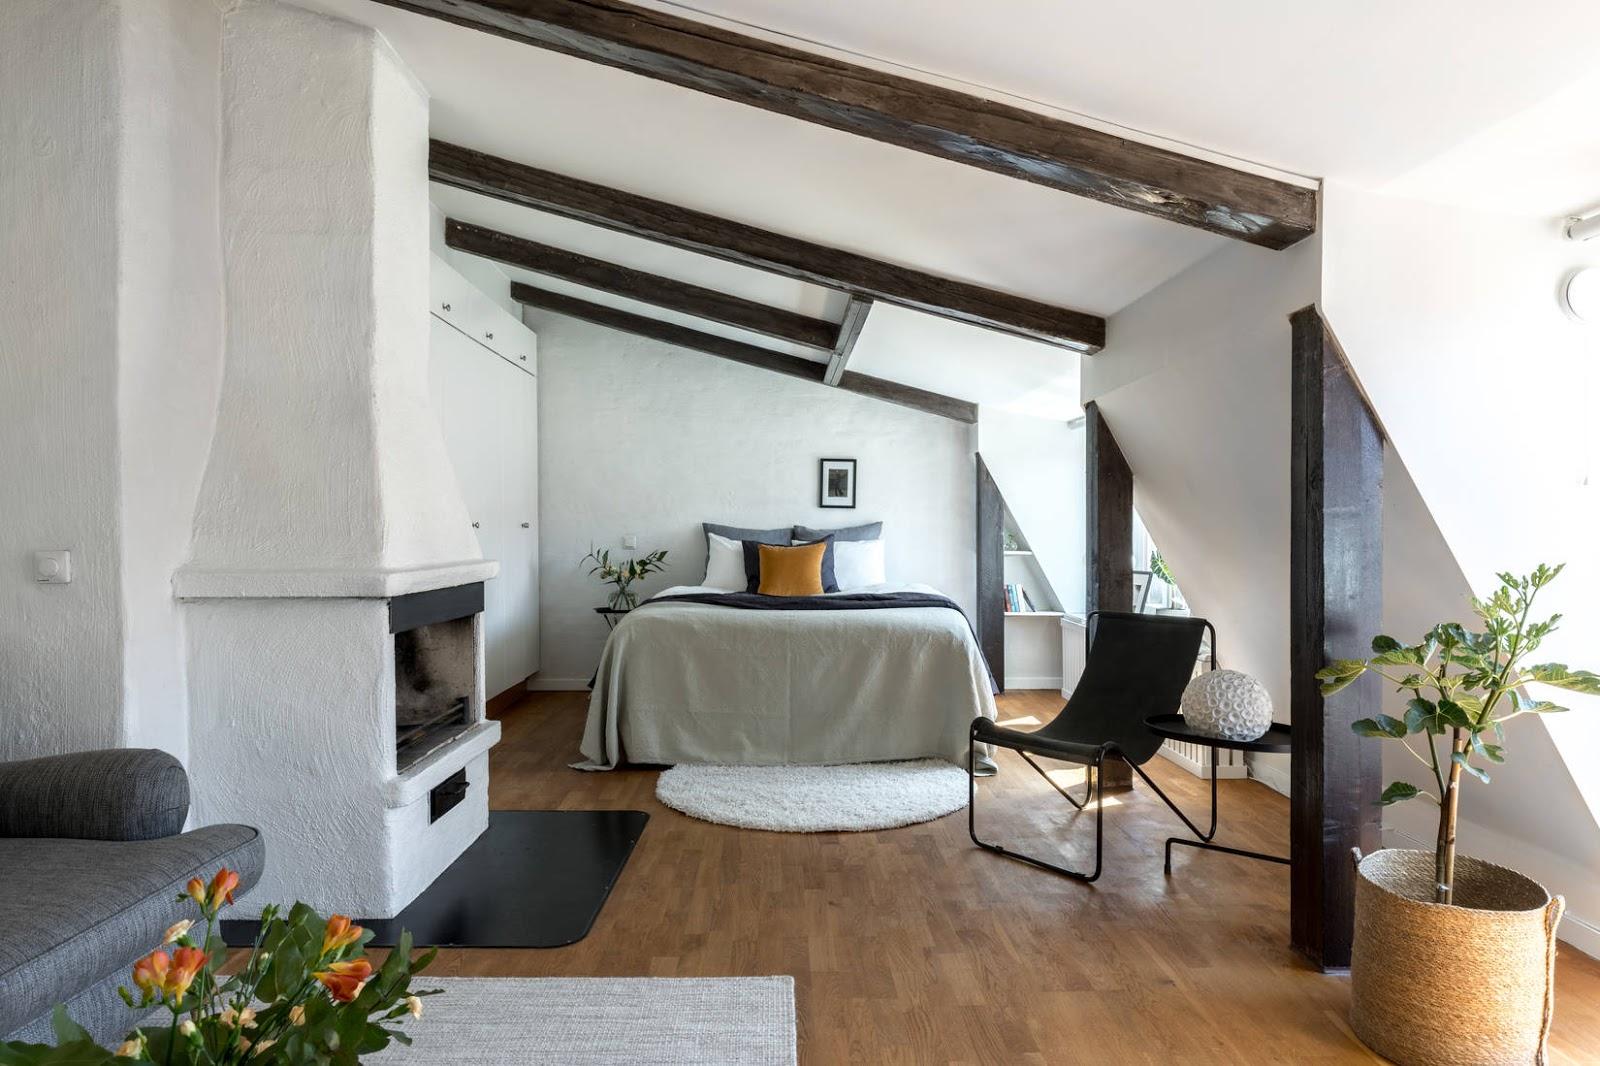 Plan deschis și grinzi de lemn într-o mansardă de 44 m²